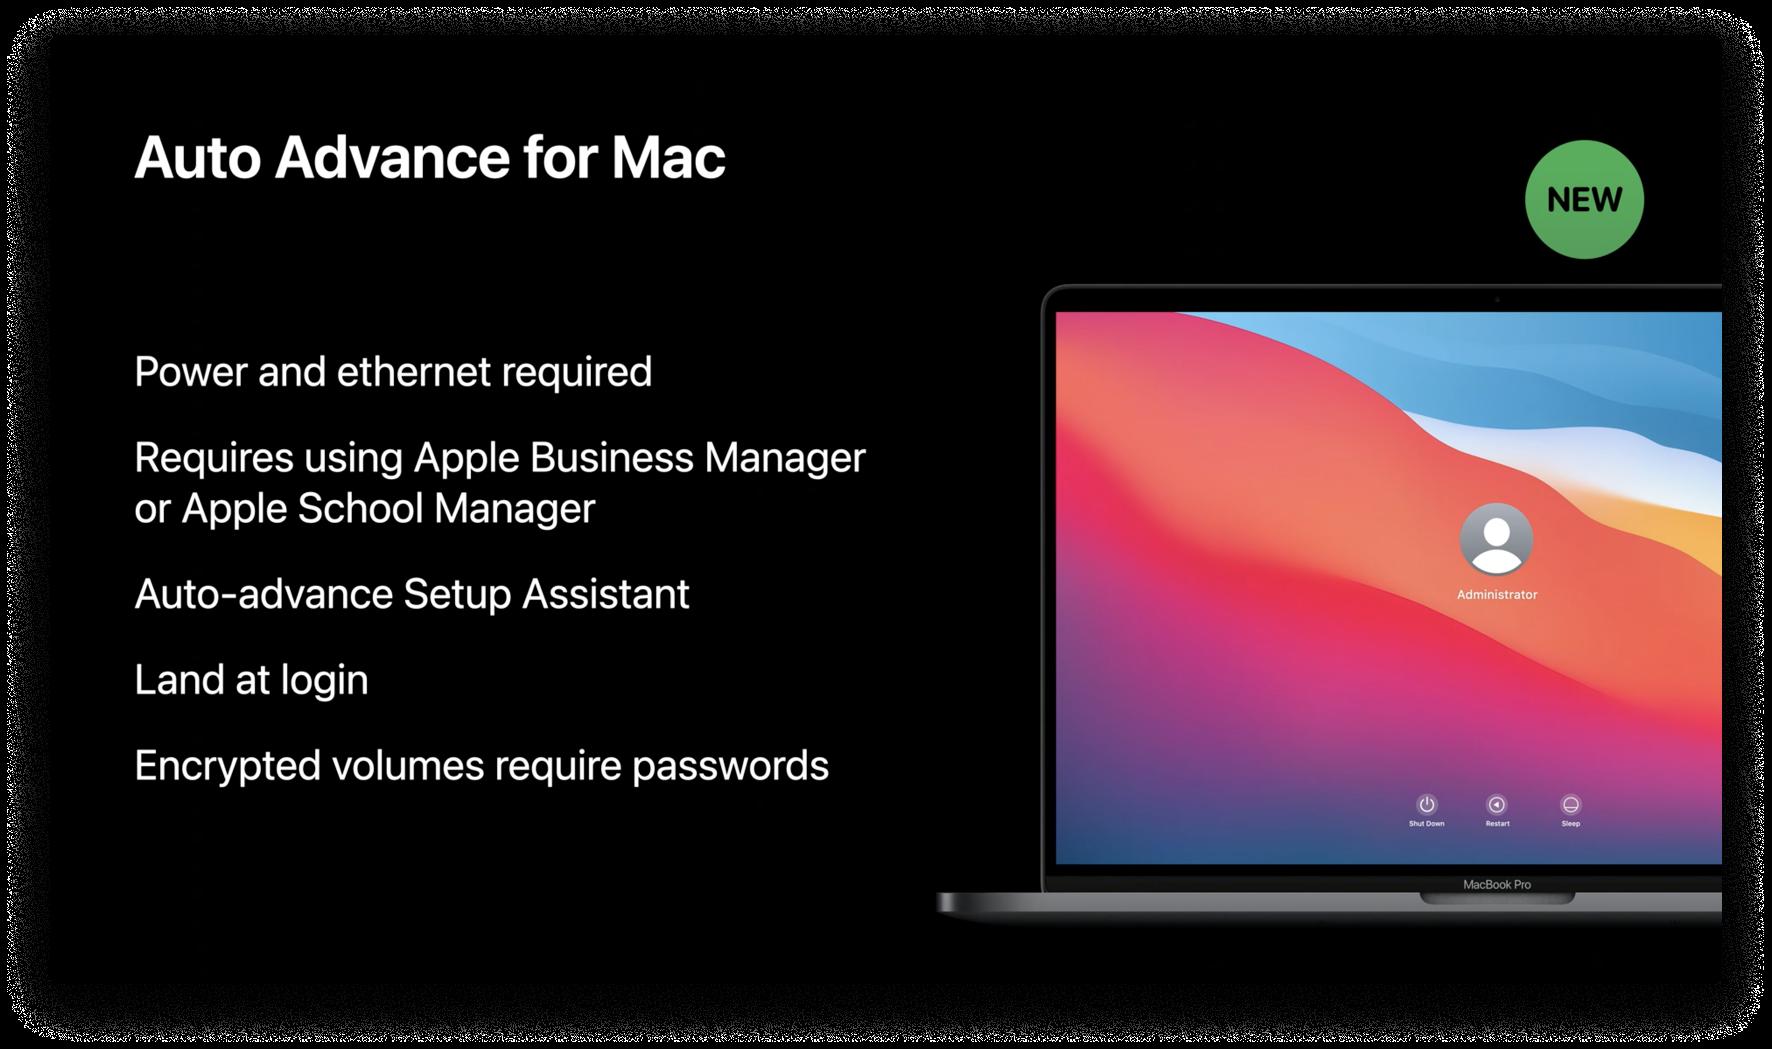 auto advance for mac-1